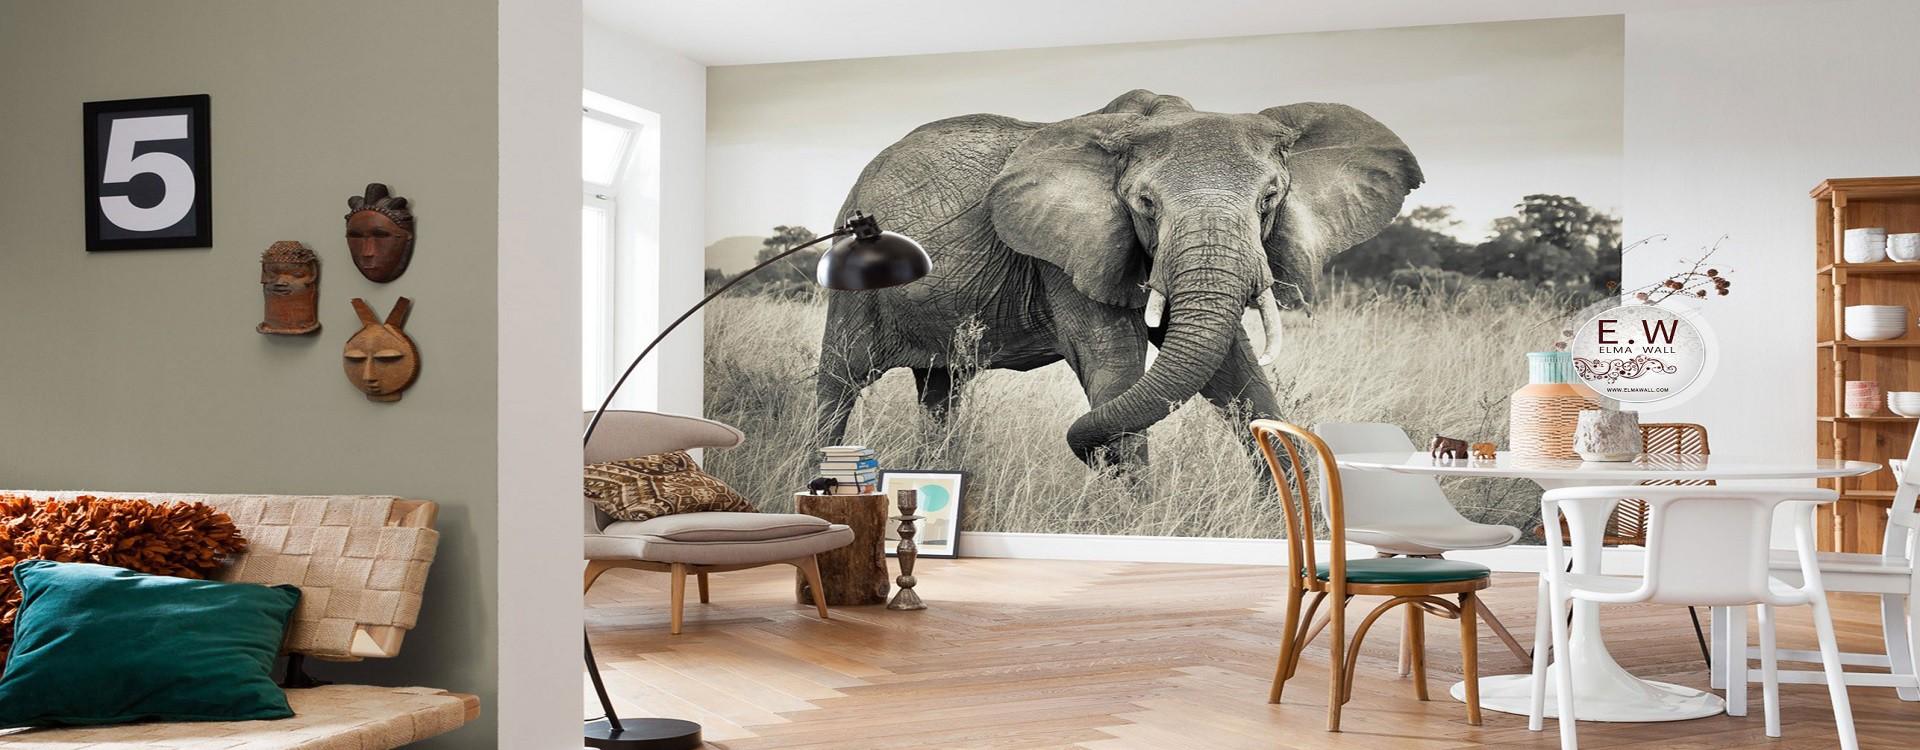 پوستر دیواری طرح حیوانات و انواع مختلف آن در مجله دکوراسیون خونه شو